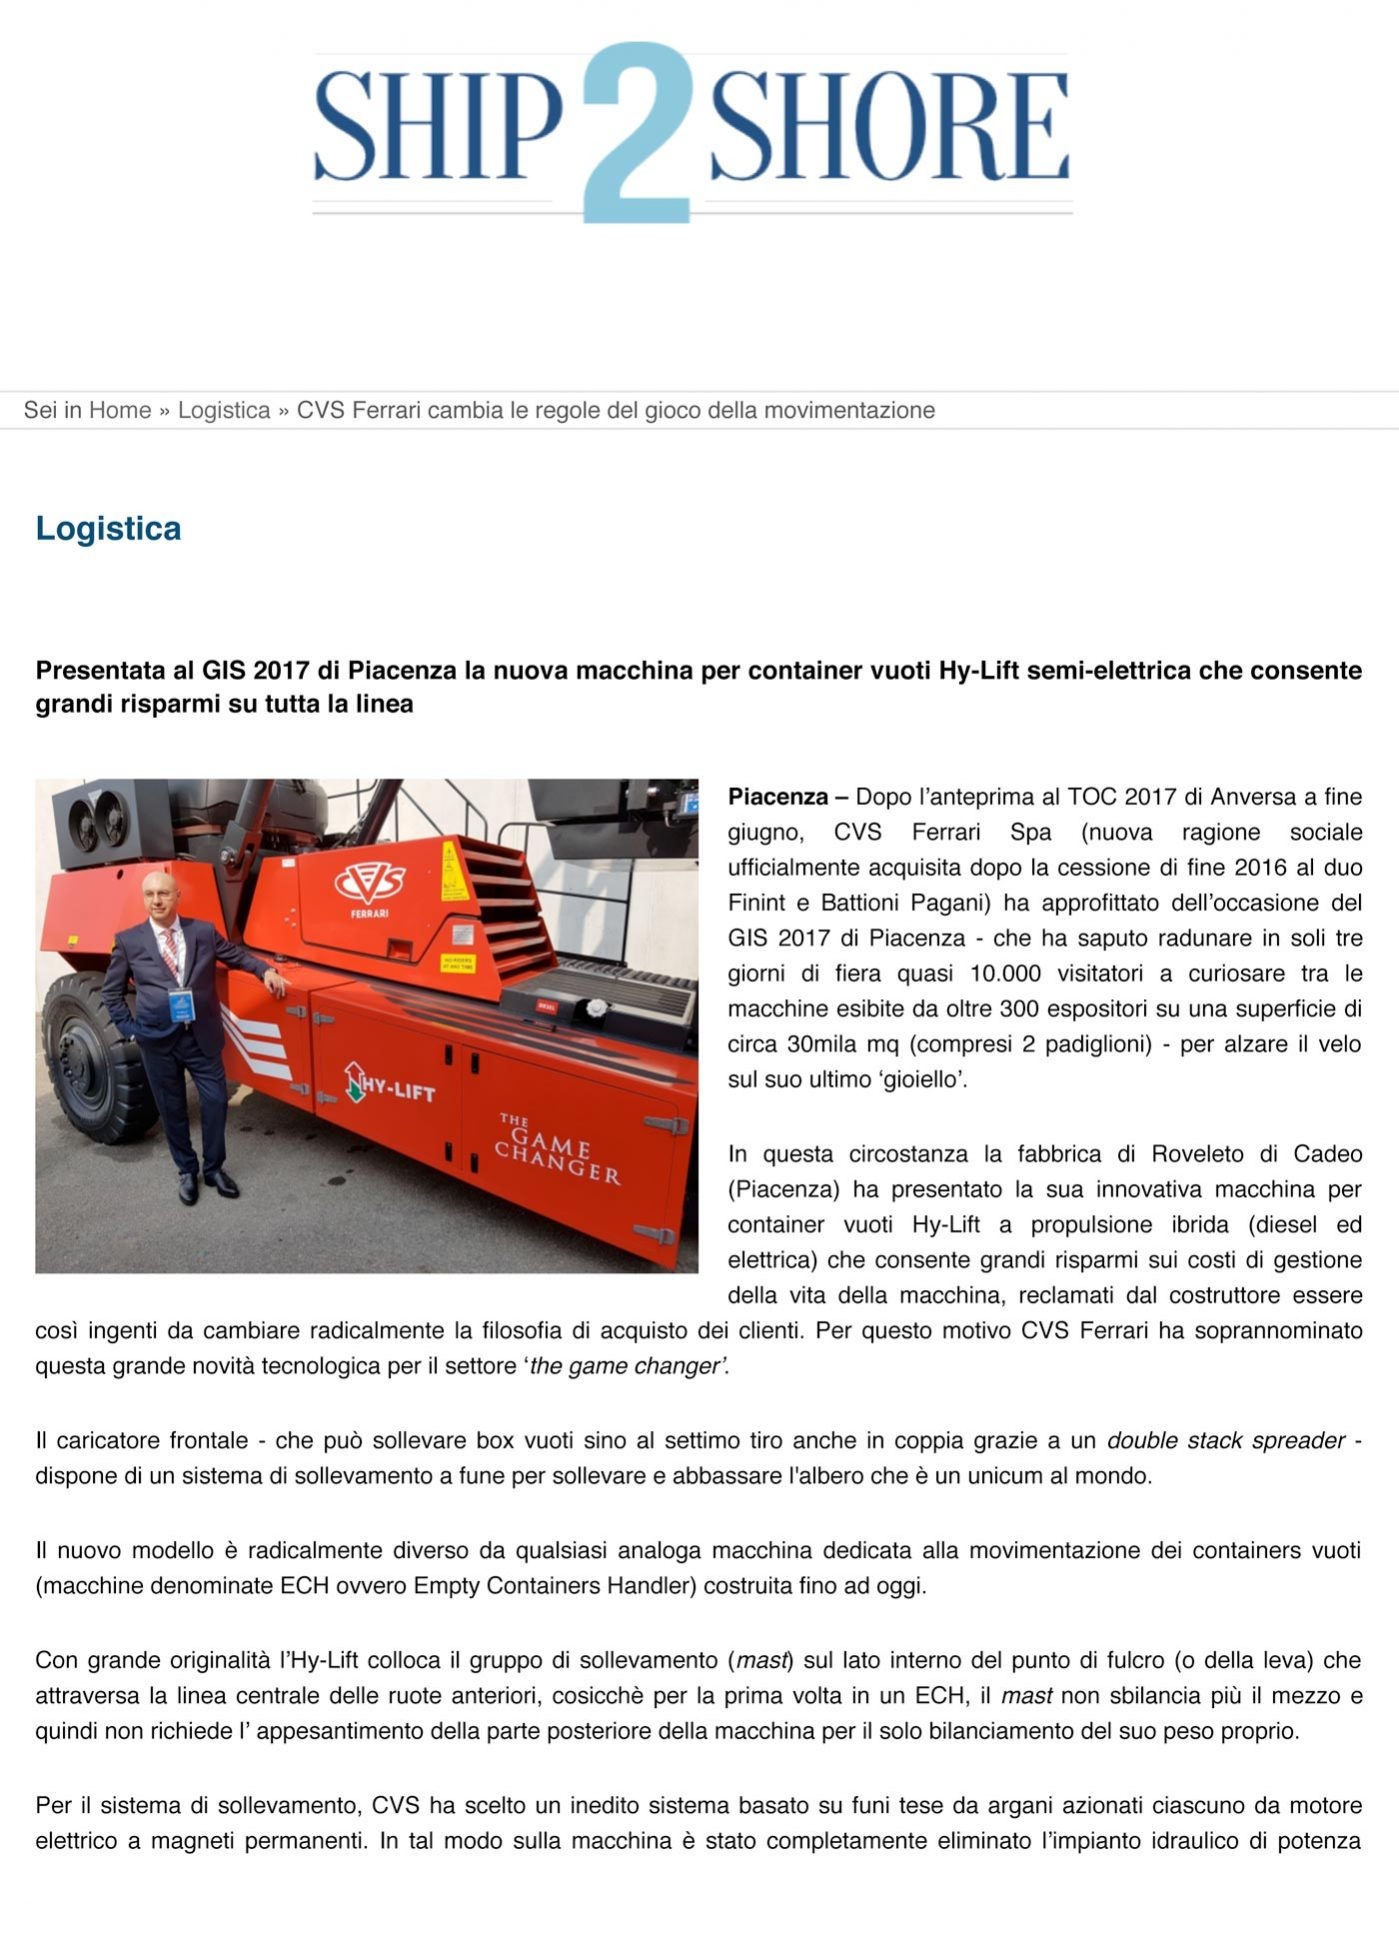 In the press - CVS ferrari - Ship2Shore - october 17